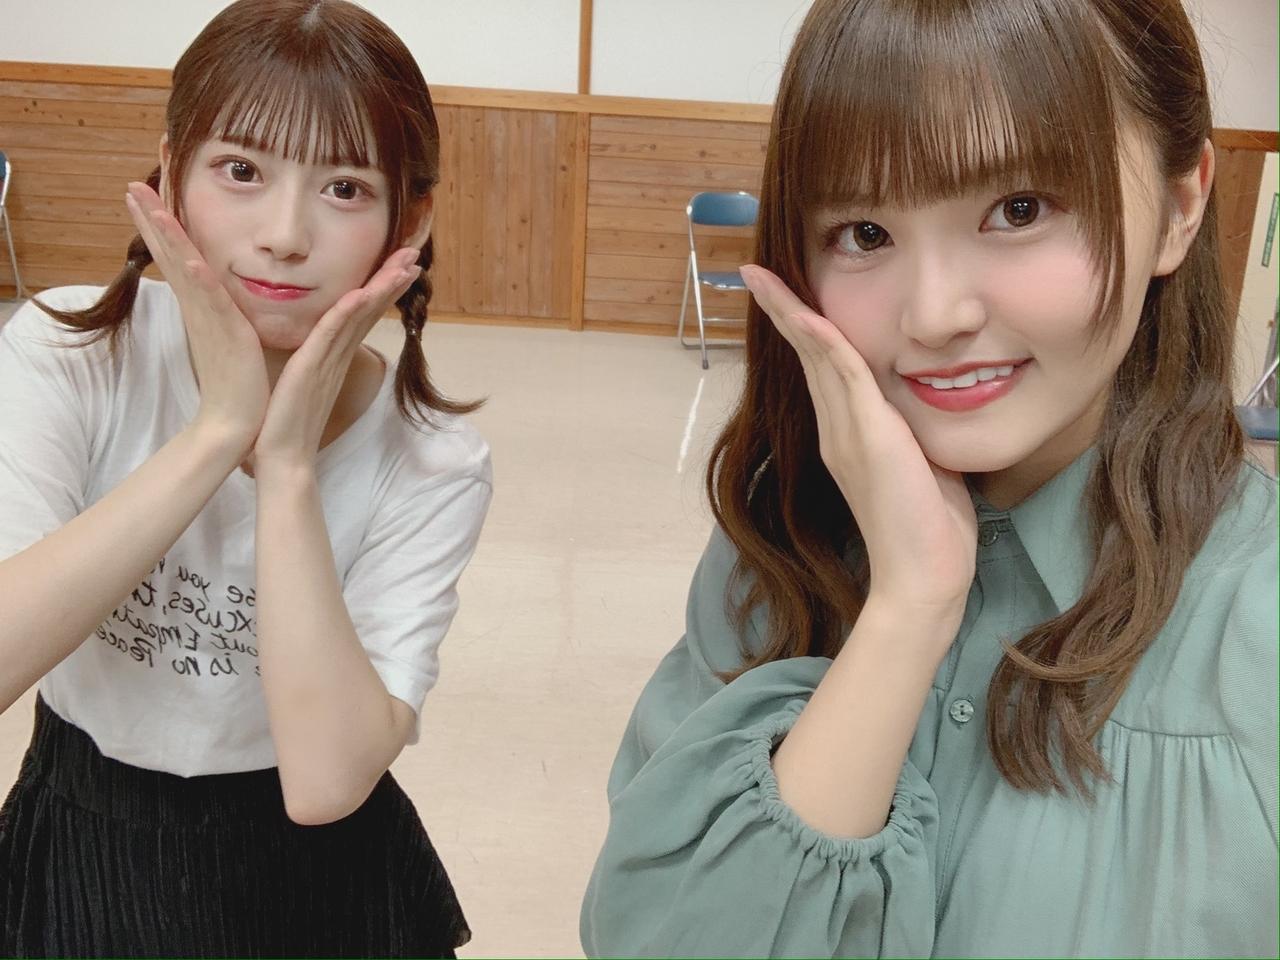 高瀬愛奈さんの「CDTVライブ!ライブ!」